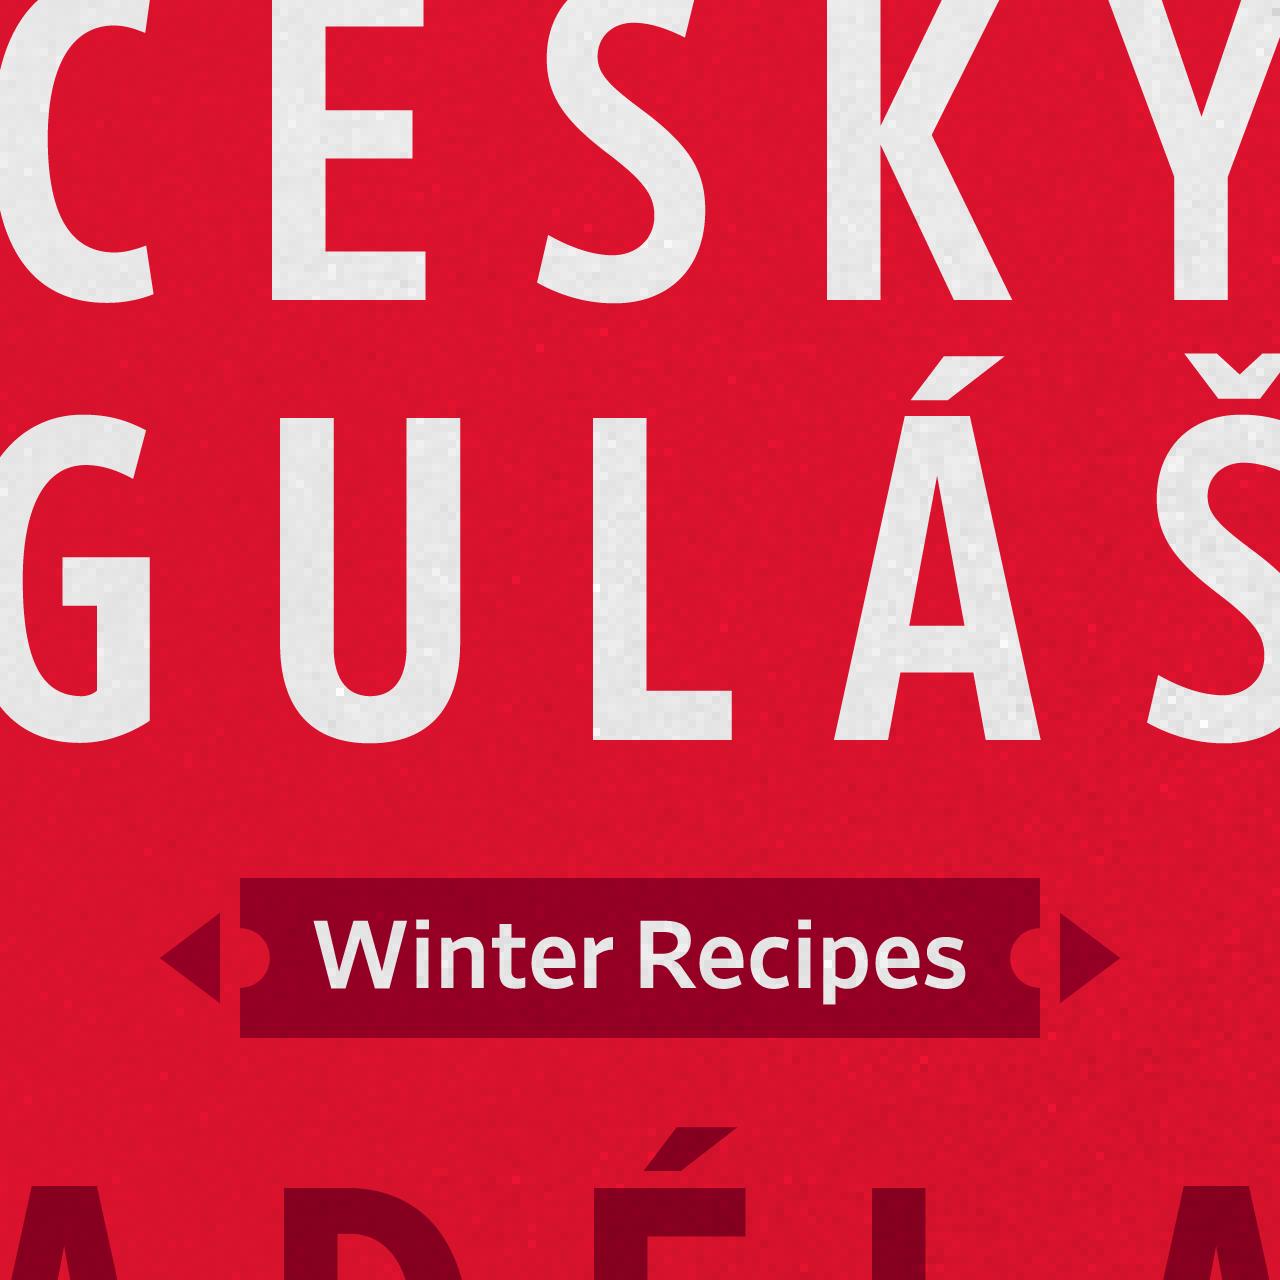 retina-winter-recipes-1280x1280.png